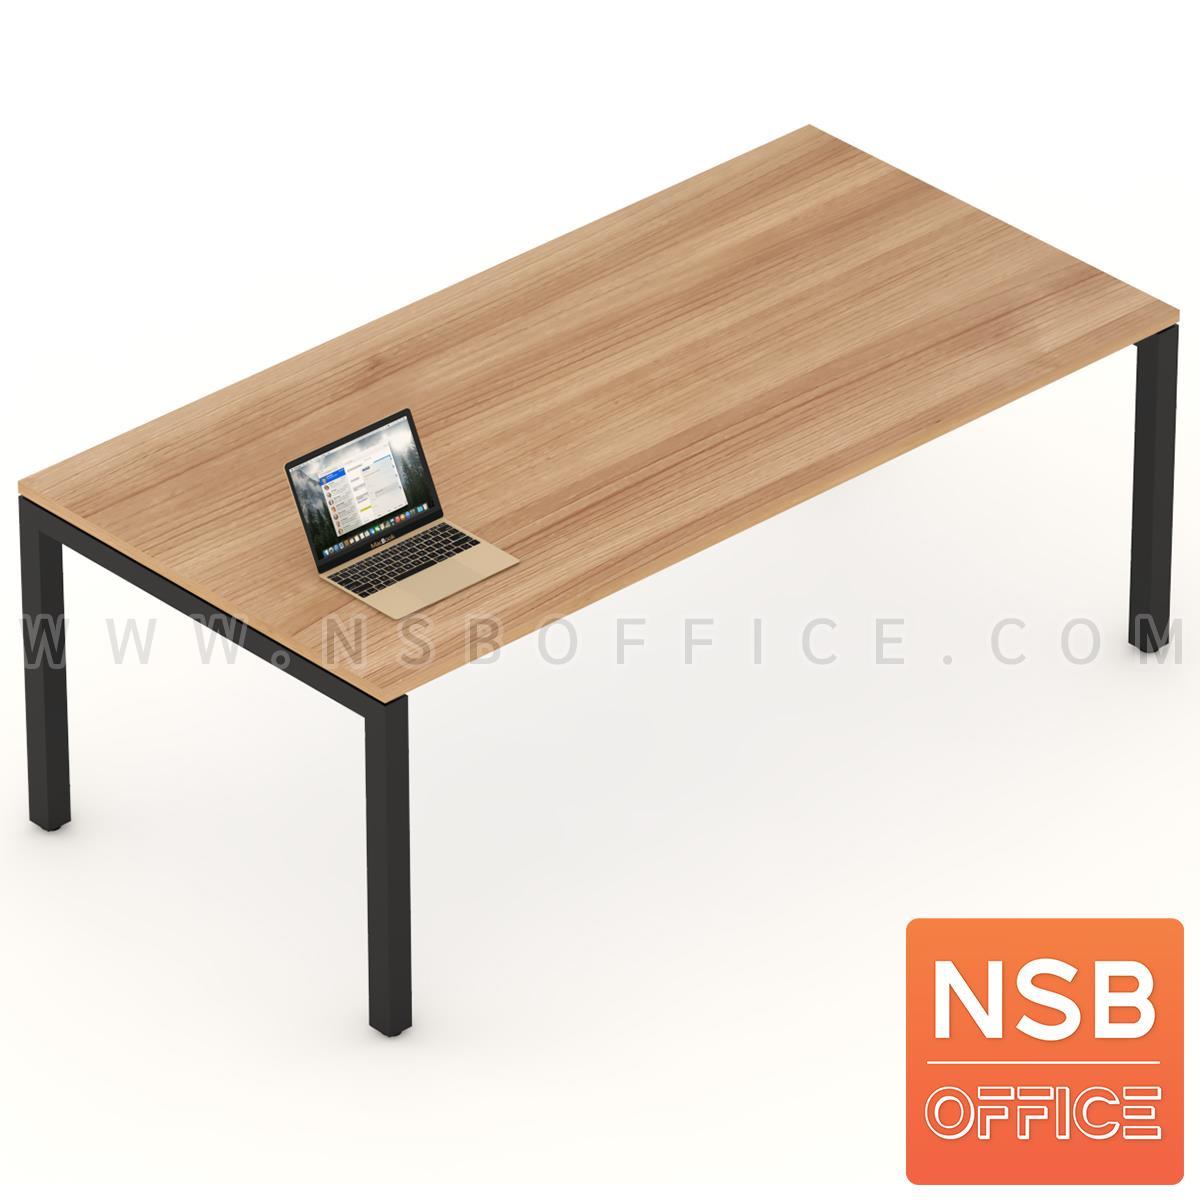 A07A046:โต๊ะประชุมทรงสี่เหลี่ยม  ขนาด 150W ,180W ,200W ,240W cm.  ขาเหล็กเหลี่ยมทำสี